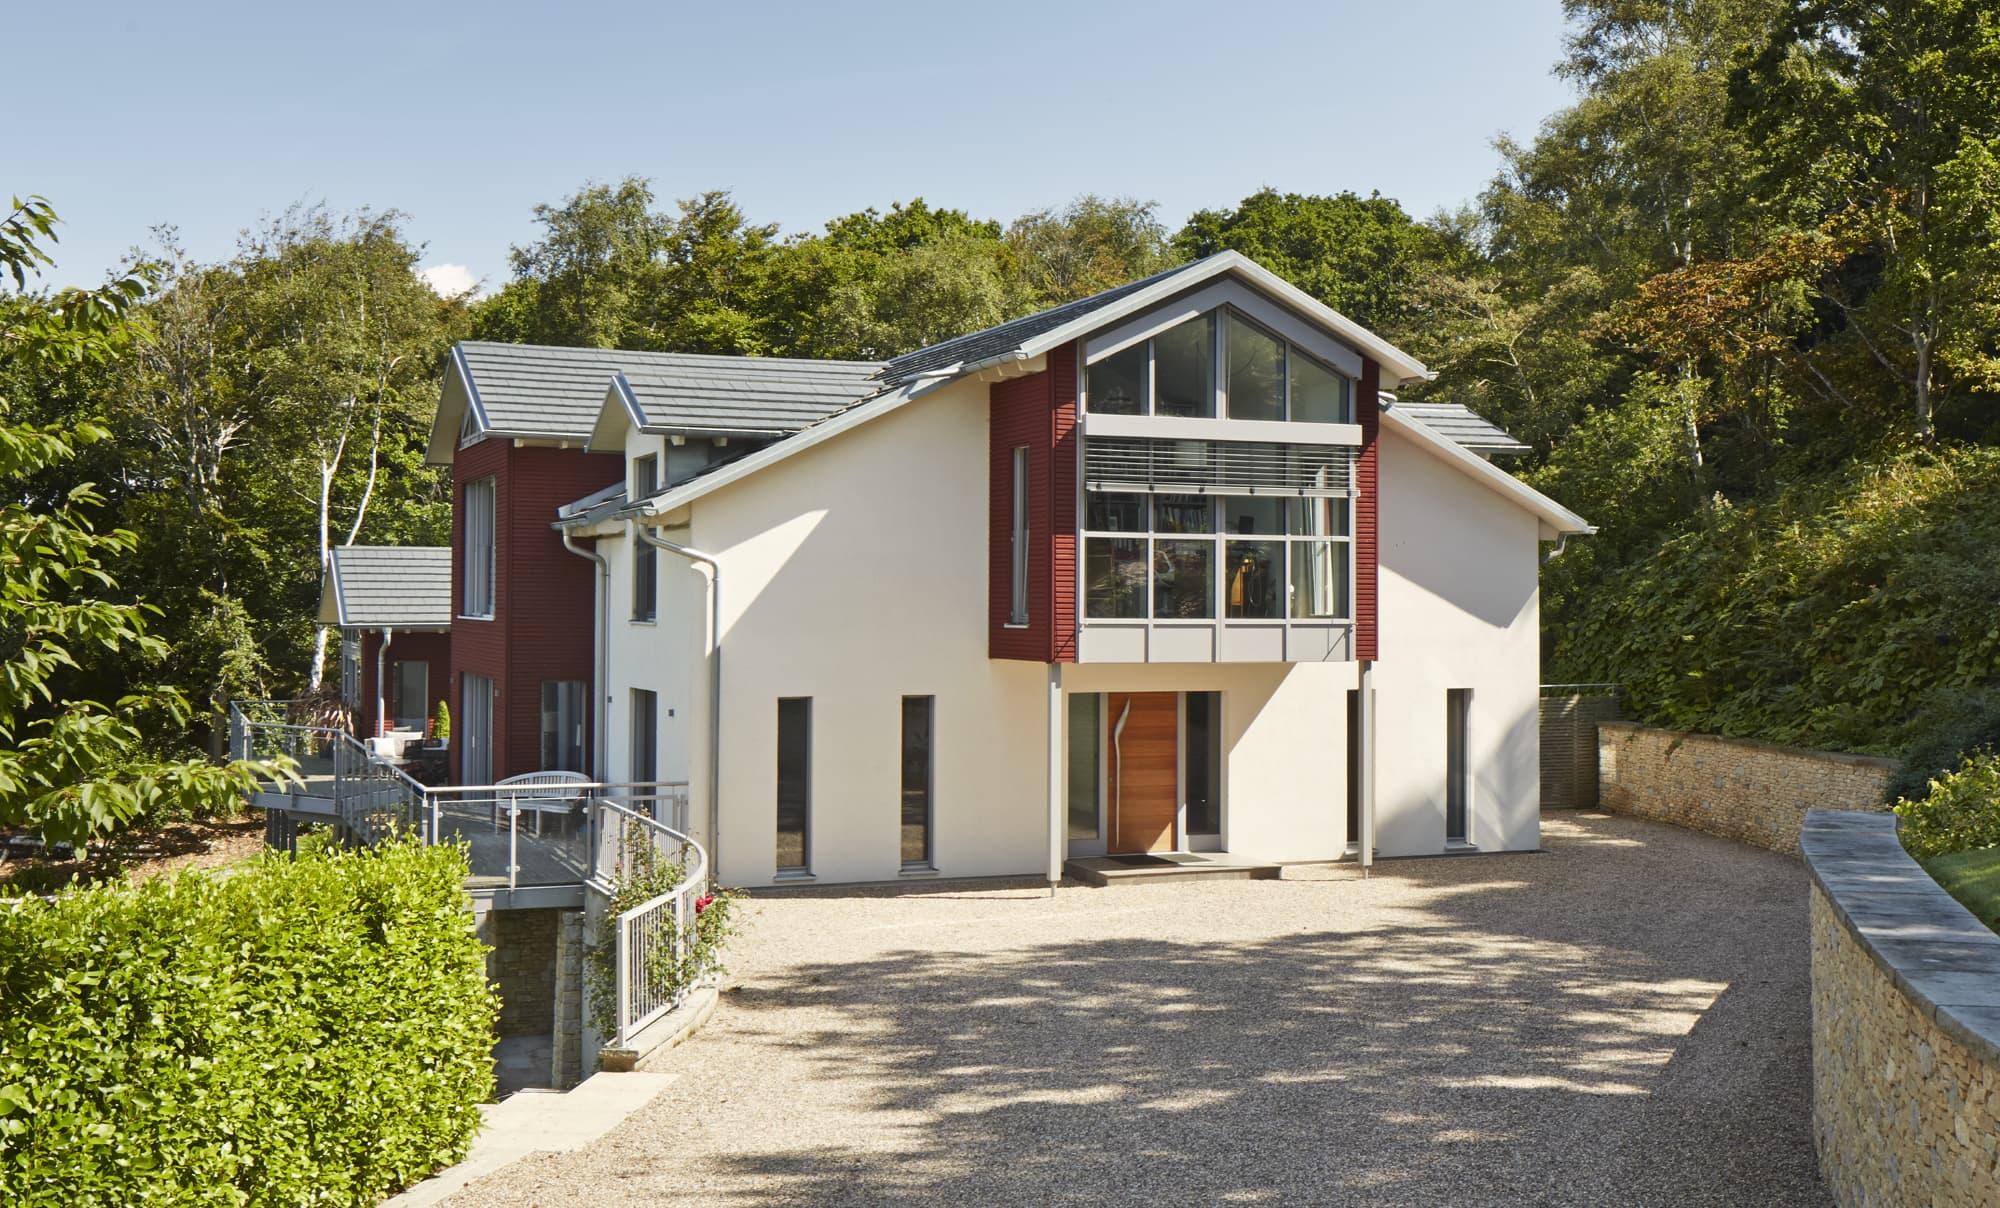 Fertighaus Villa im Landhausstil mit Holz Putz Fassade & Satteldach Architektur - Haus bauen Ideen Baufritz Landhaus FORTESCUE - HausbauDirekt.de